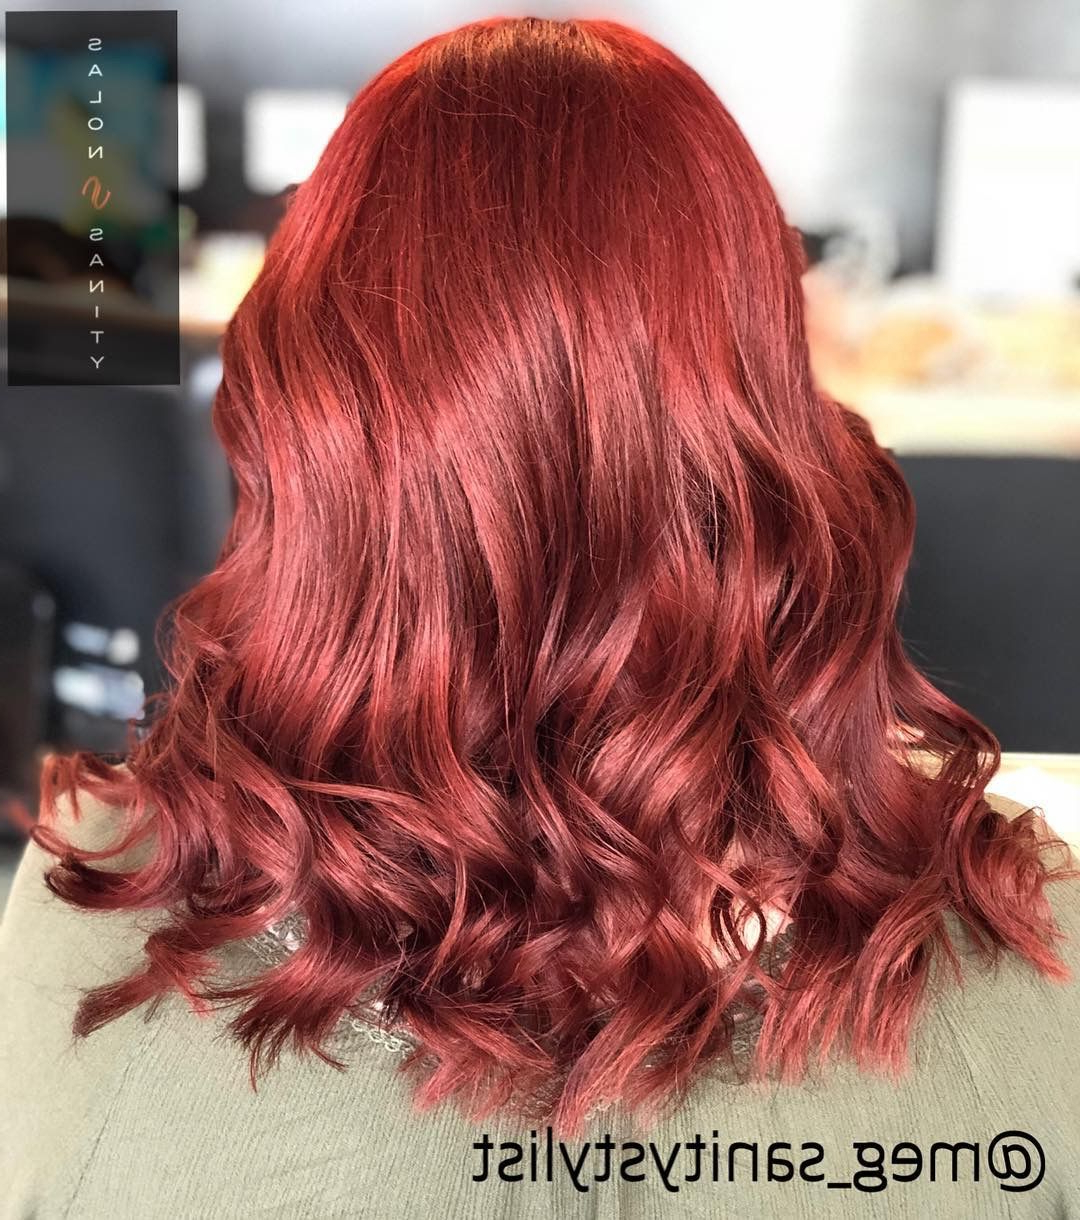 Bright Red Medium Hair #redhair #mediumhair #salonsanity #beachwaves Regarding Well Known Bright Red Medium Hairstyles (View 11 of 20)